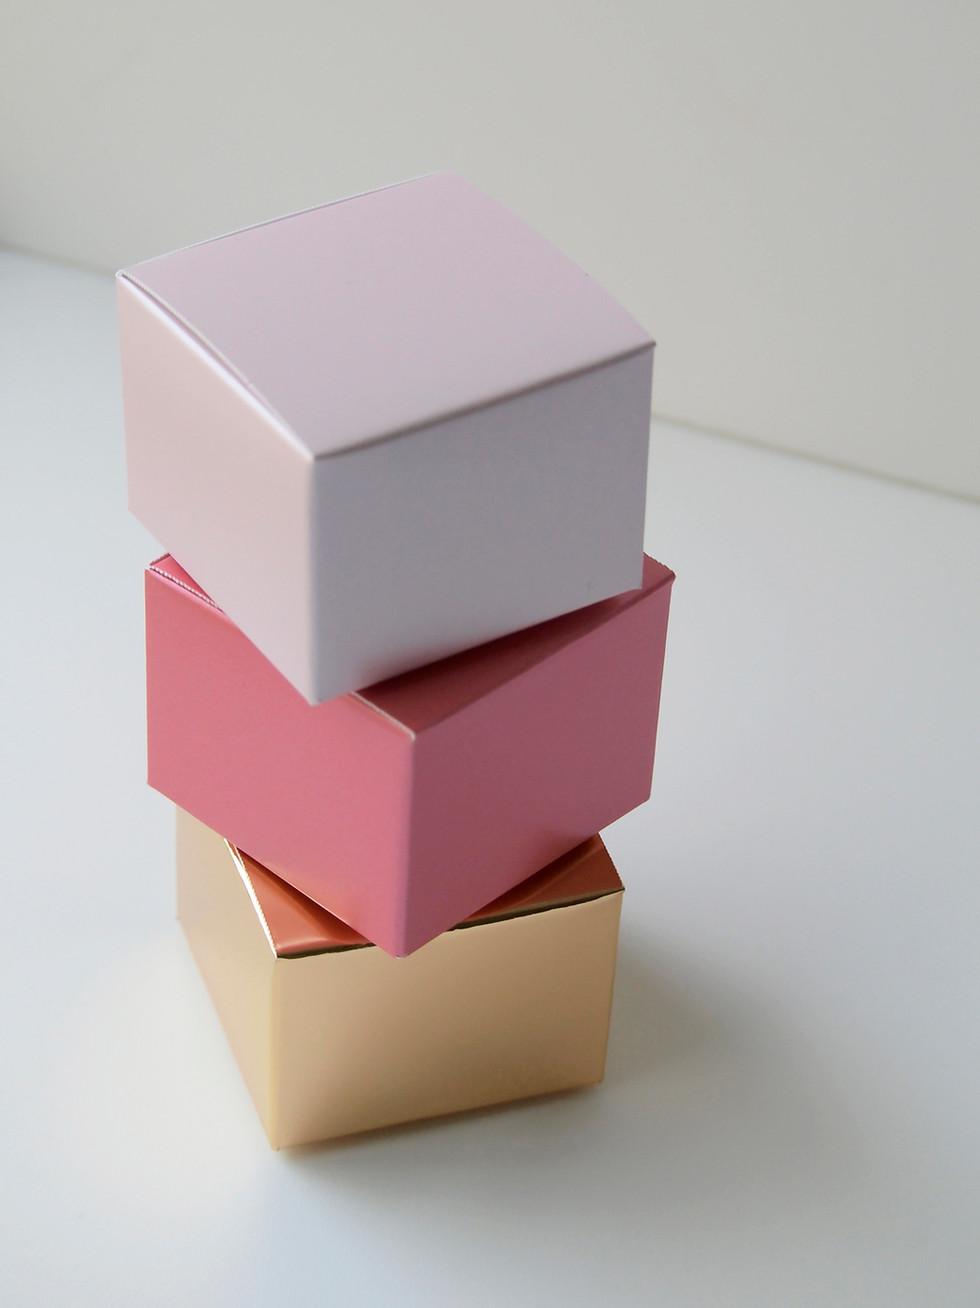 アルペーパー sample box 1